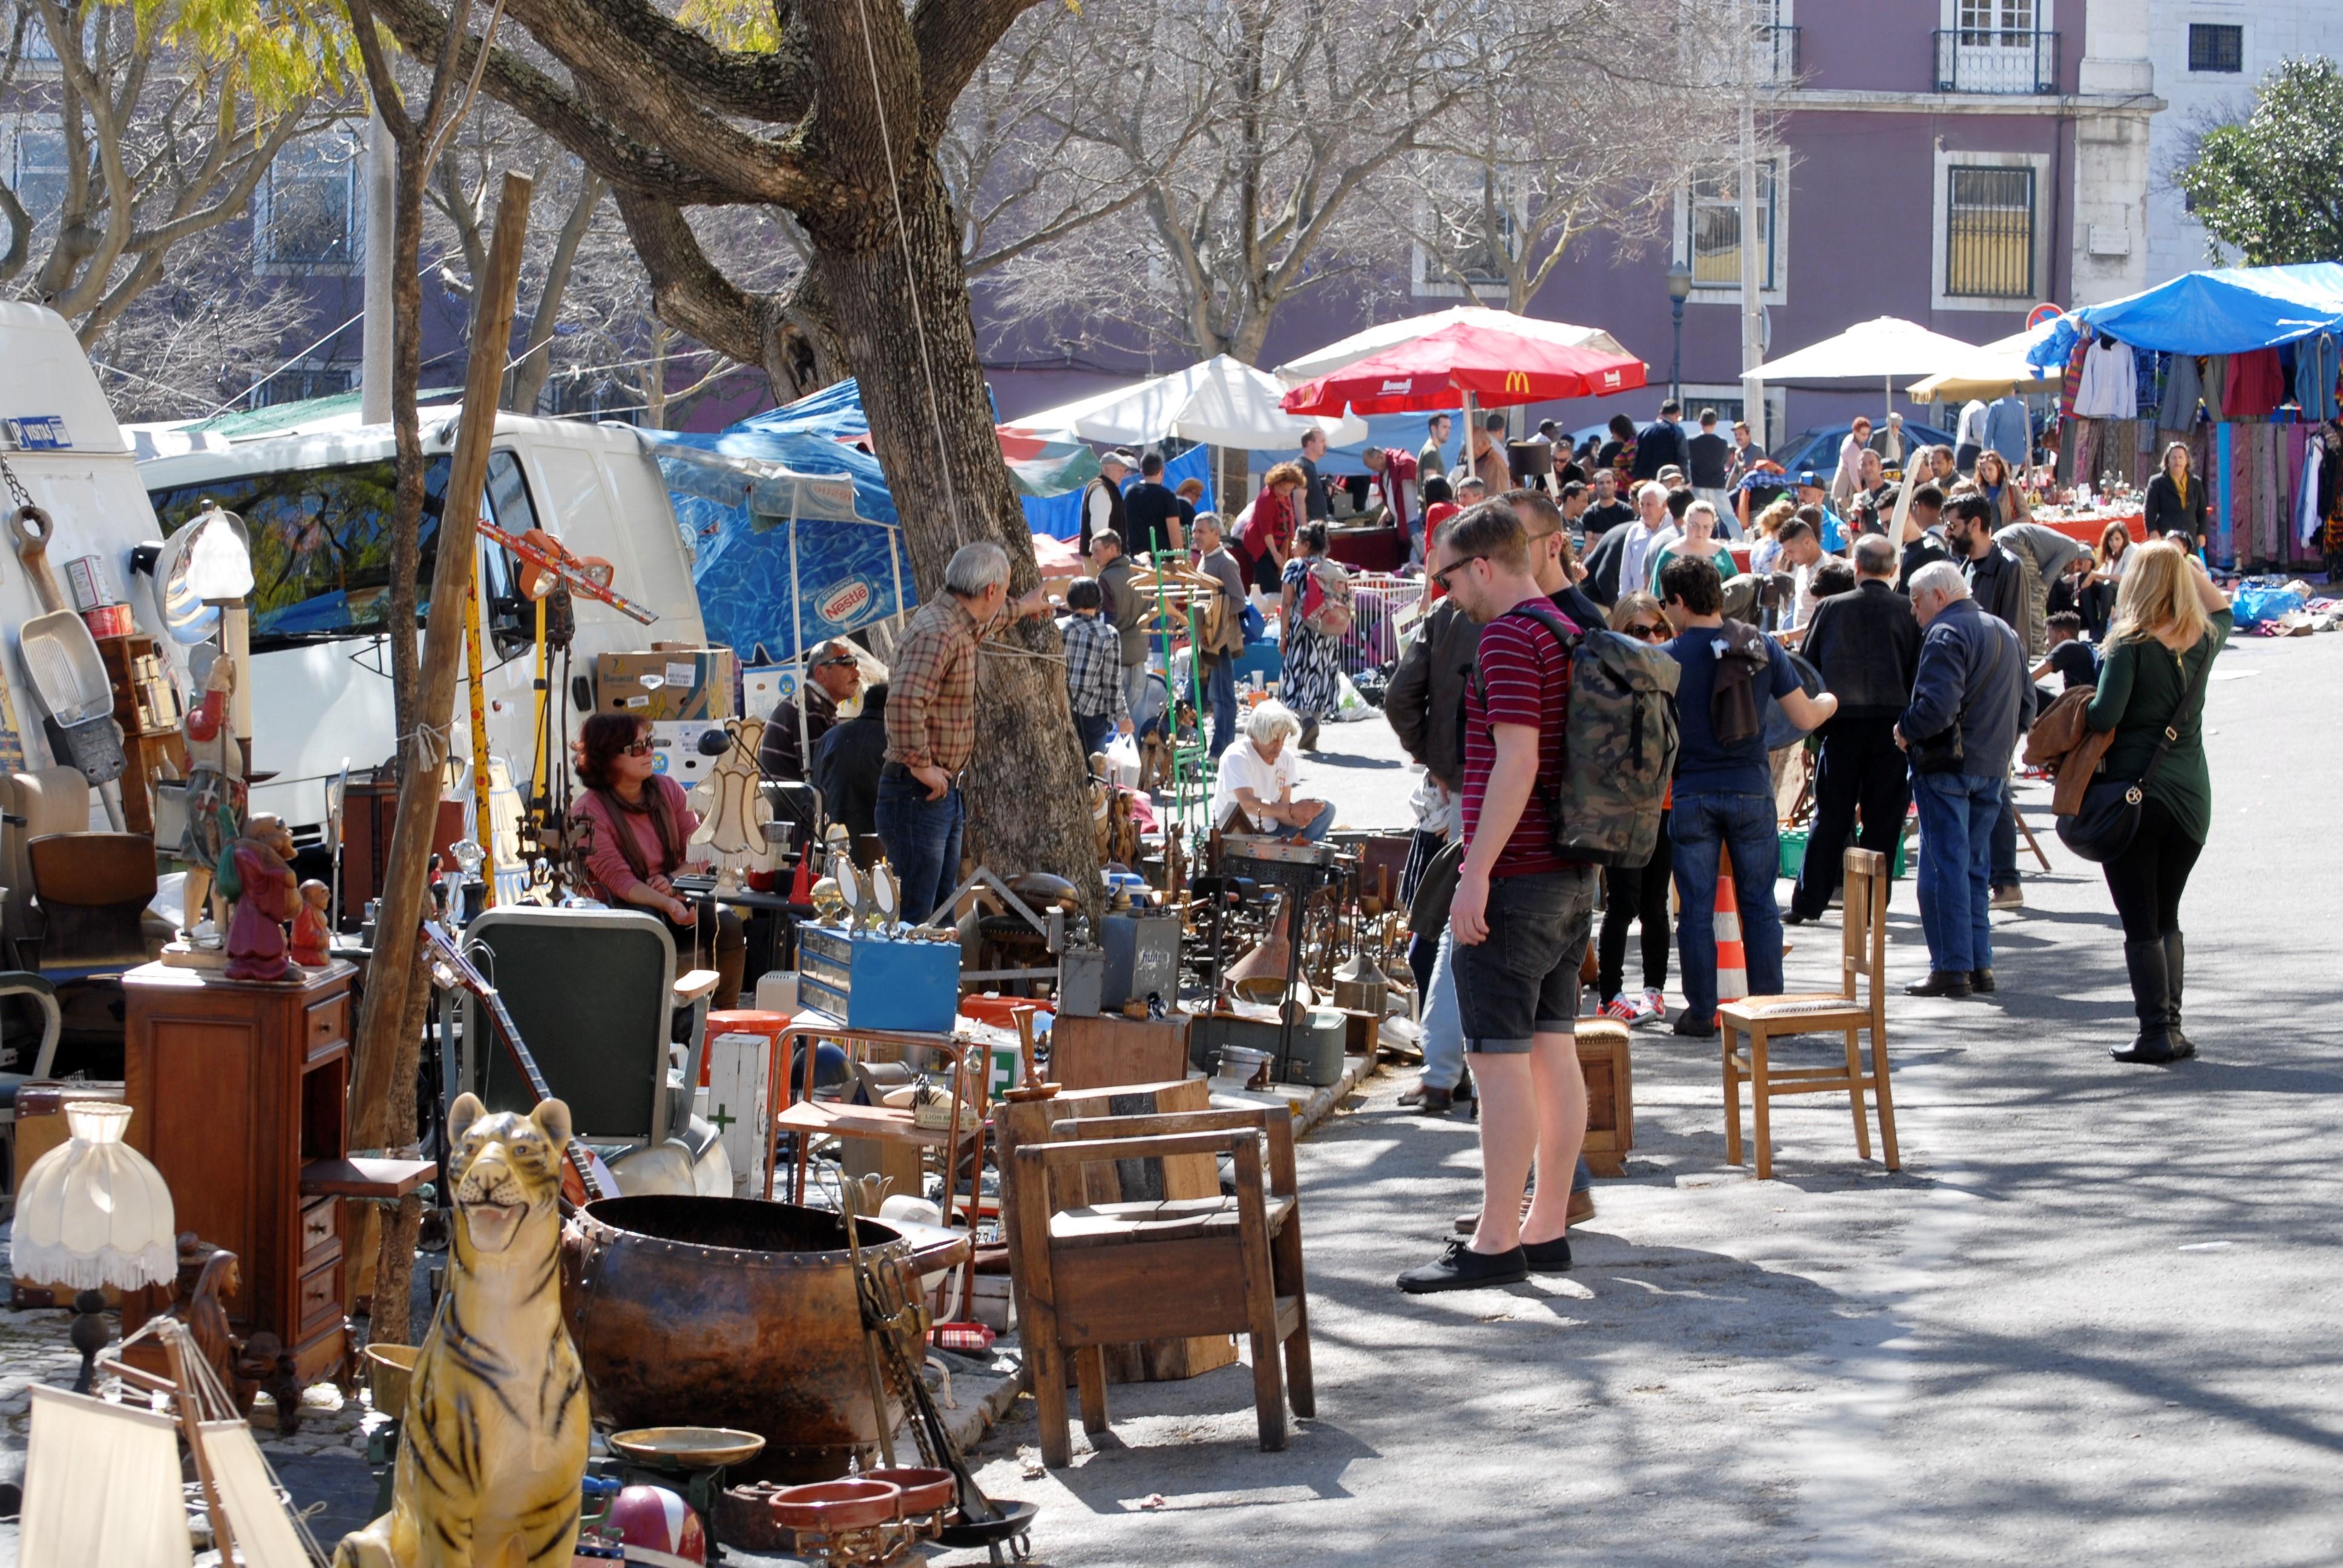 mercato feira ladra lisbona